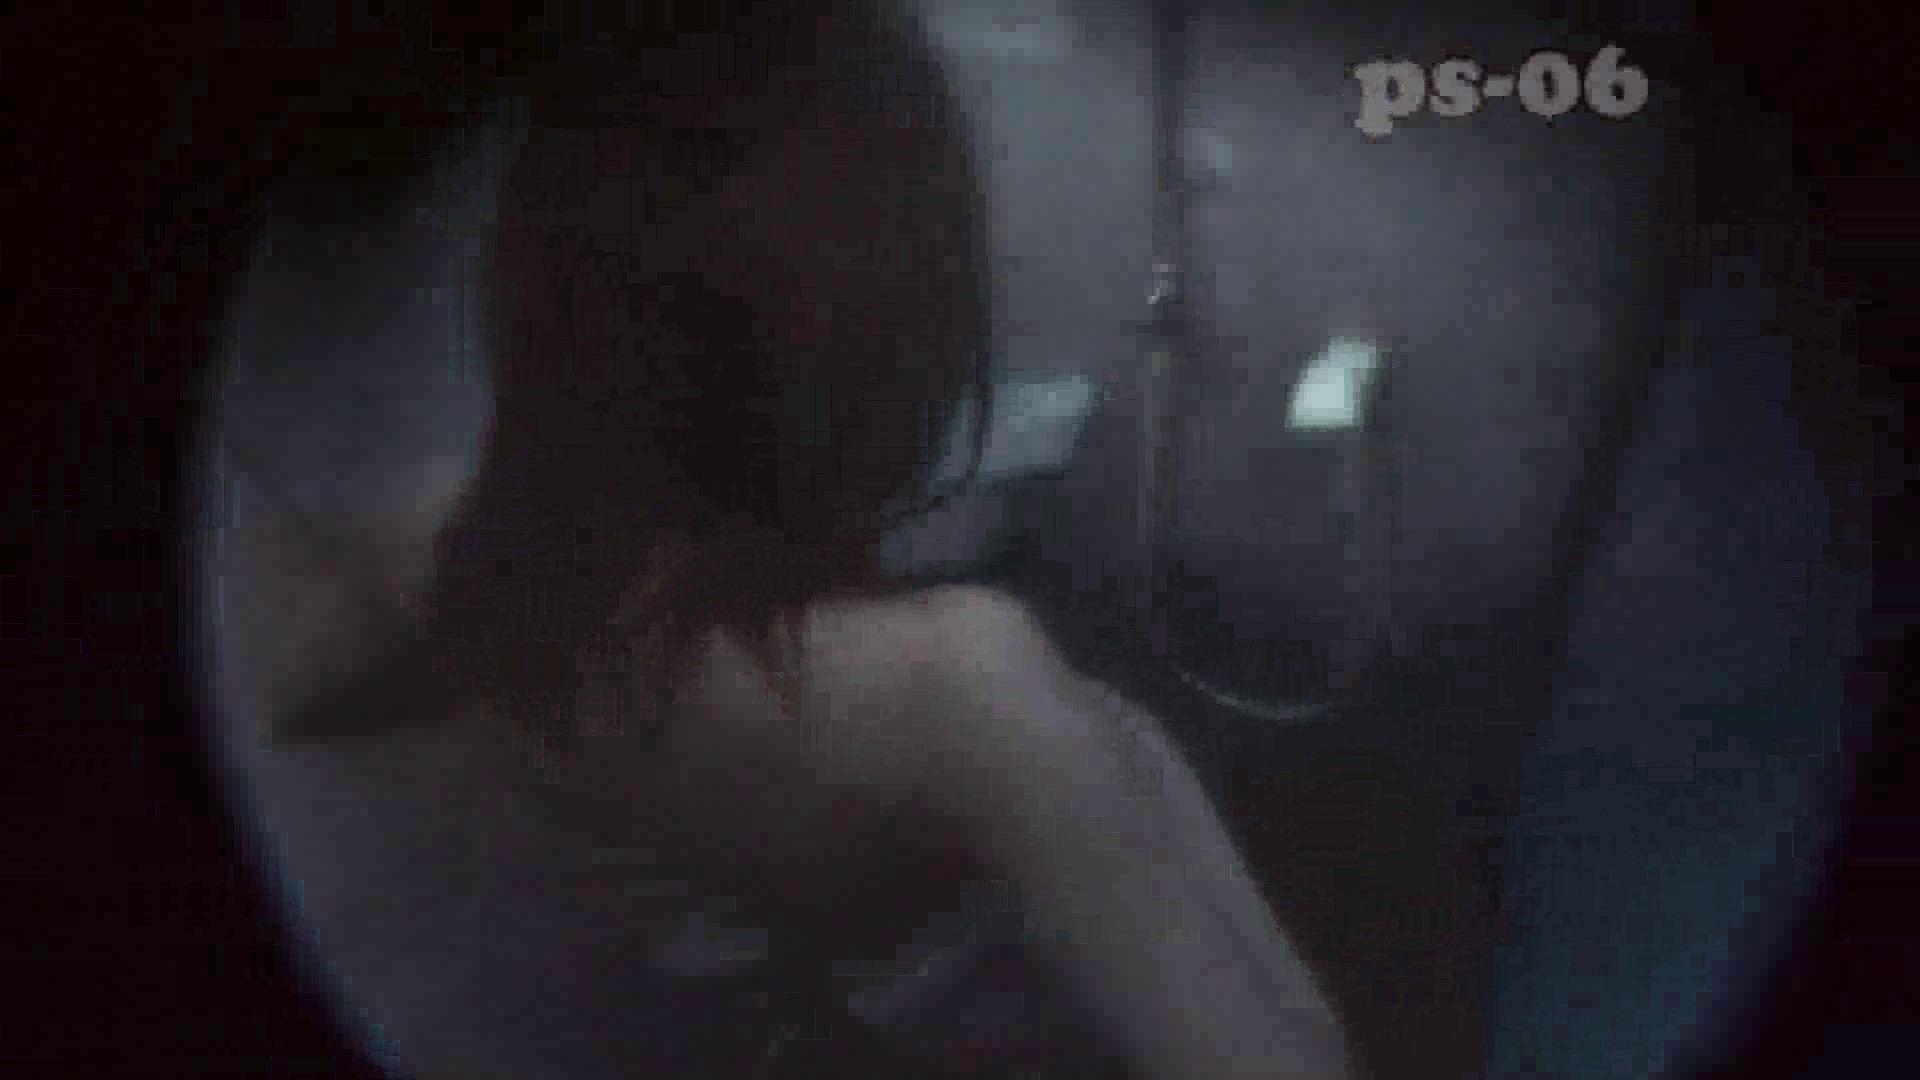 シャワールームは危険な香りVol.6(ハイビジョンサンプル版) 名人   盗撮  67画像 22